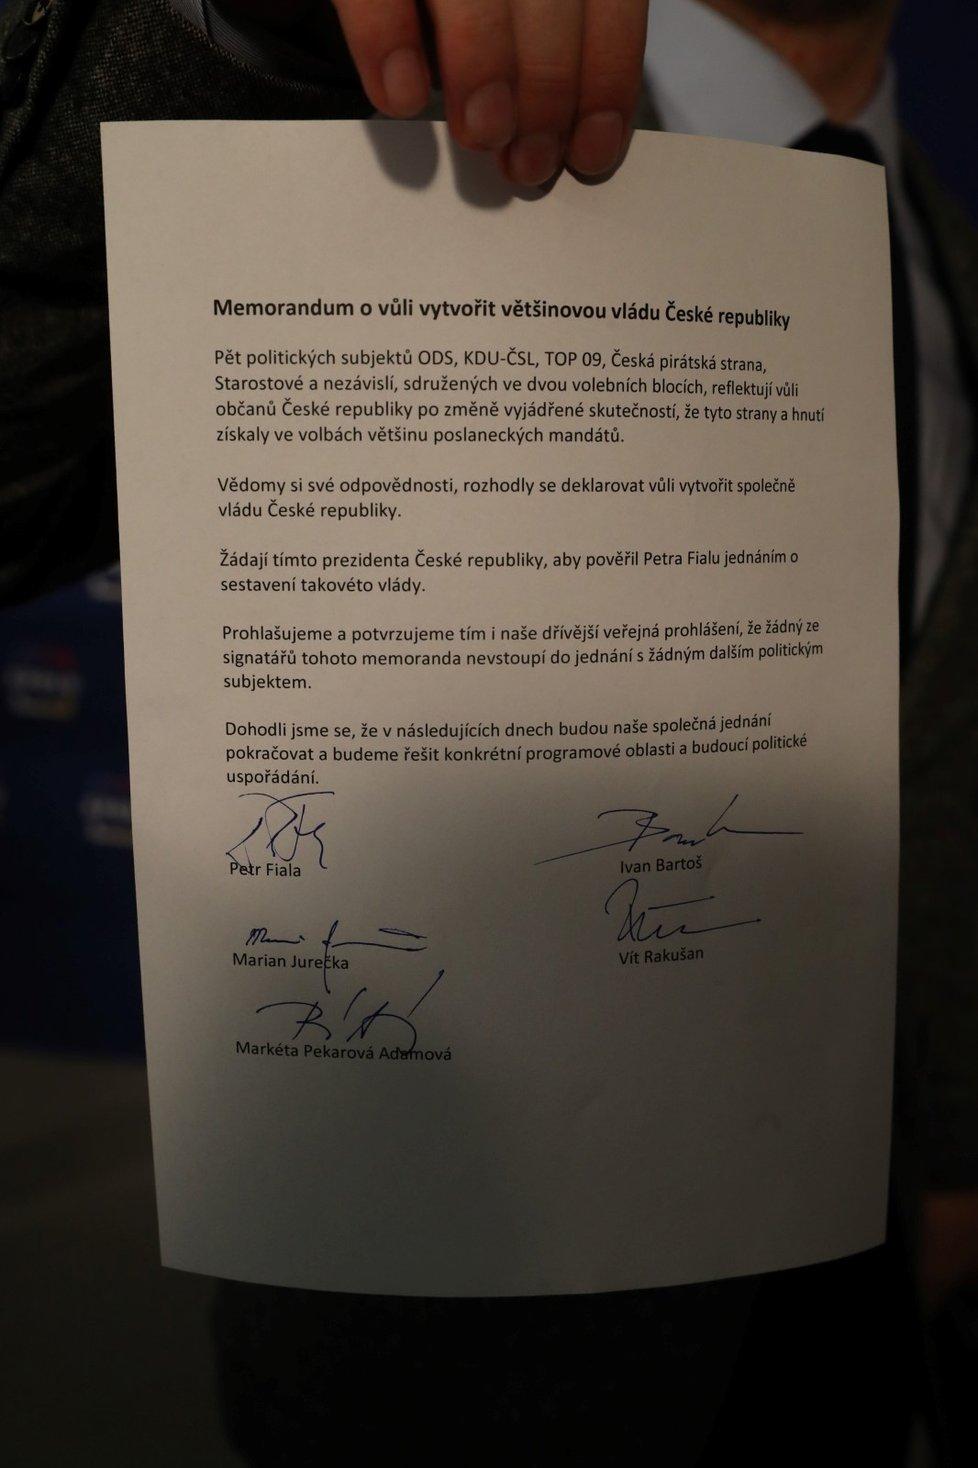 Volby do Sněmovny 2021: Memorandum pěti stran (9.10.2021)